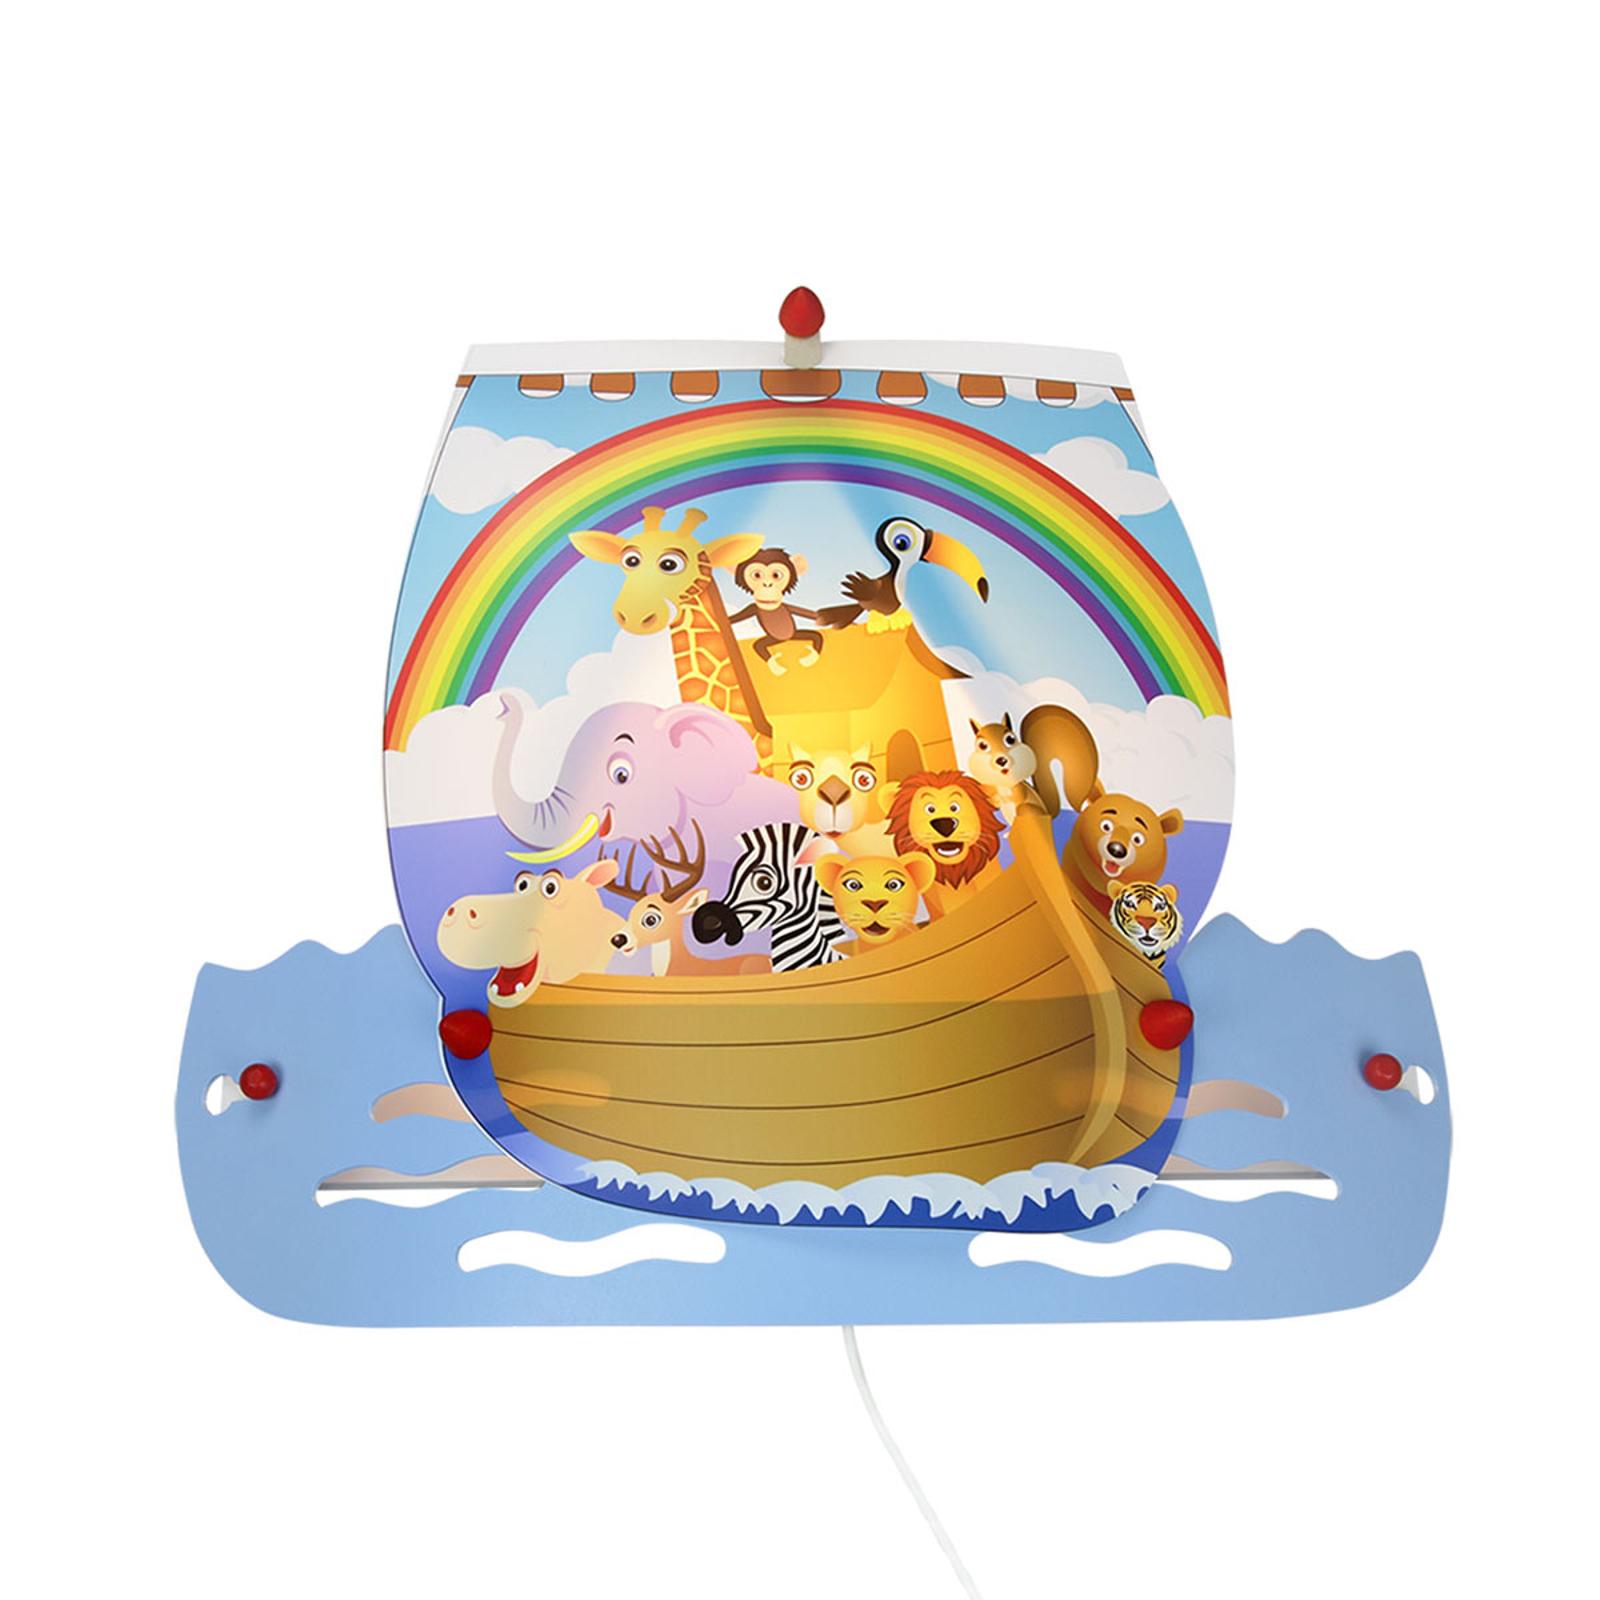 Lampa ścienna Arka Noego jasnoniebieska, z wtyczką